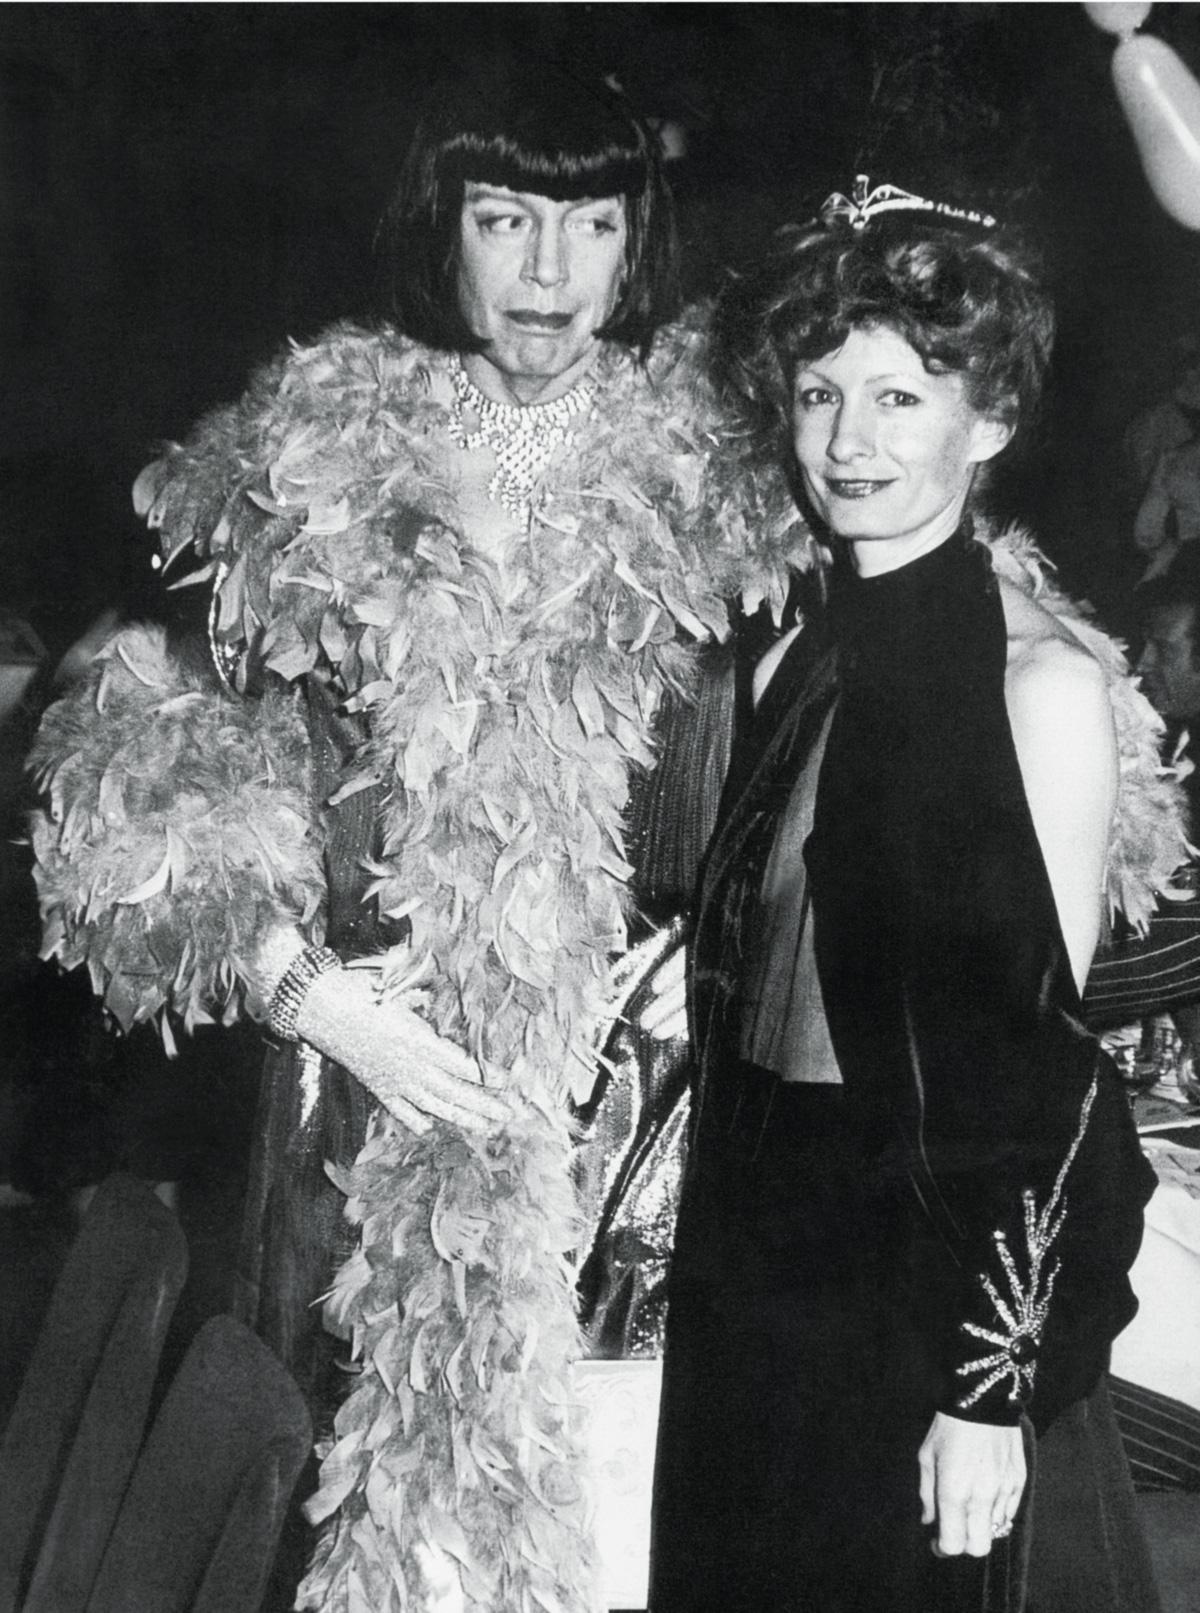 Tynan (à esquerda). com Kathleen, vestiu-se de mulher com um peignoir de lamê, com lantejoulas, meias pretas e uma peruca, e raspou as pernas para um baile inspirado nos anos 20